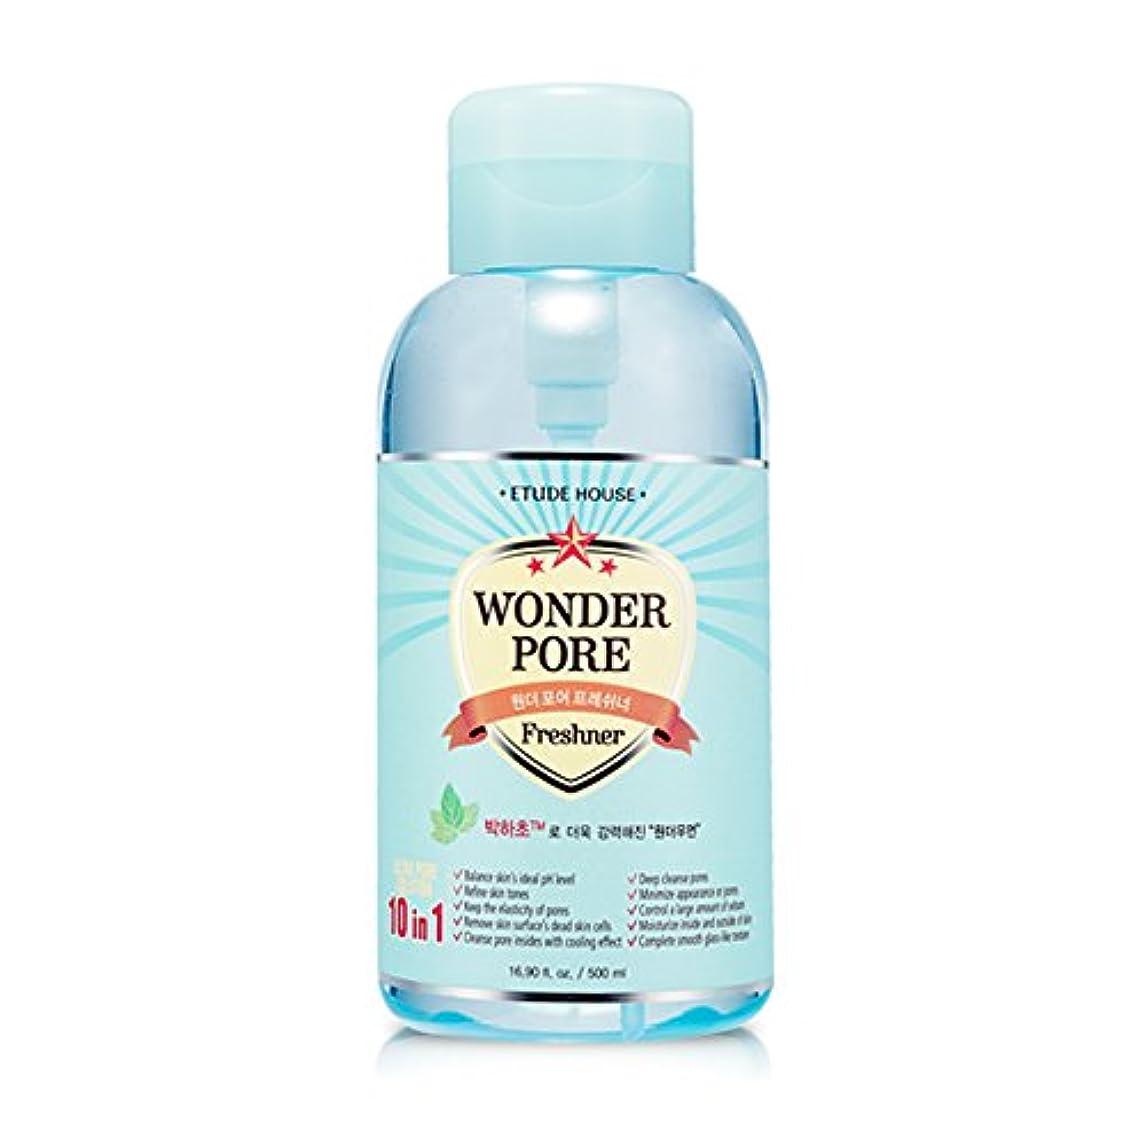 不要ブラストエキスパートエチュードハウス(ETUDE HOUSE) ワンダーP化粧水 (500ml)